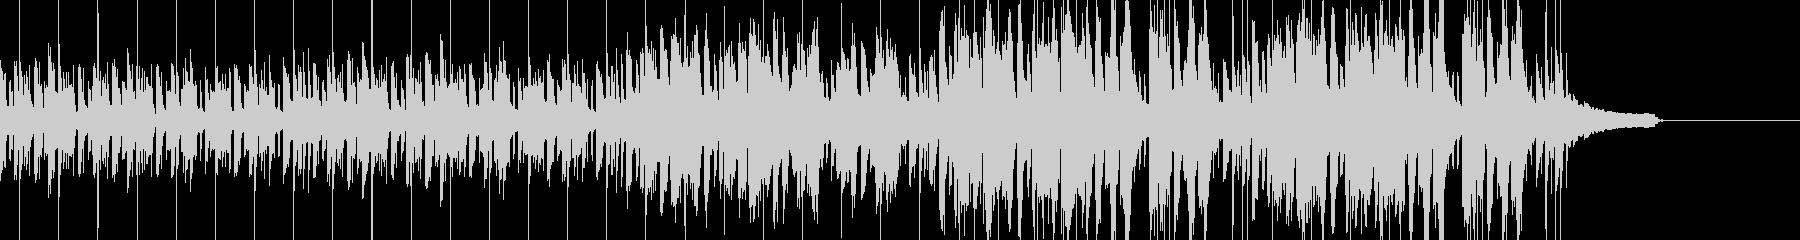 Future bass風の曲の未再生の波形